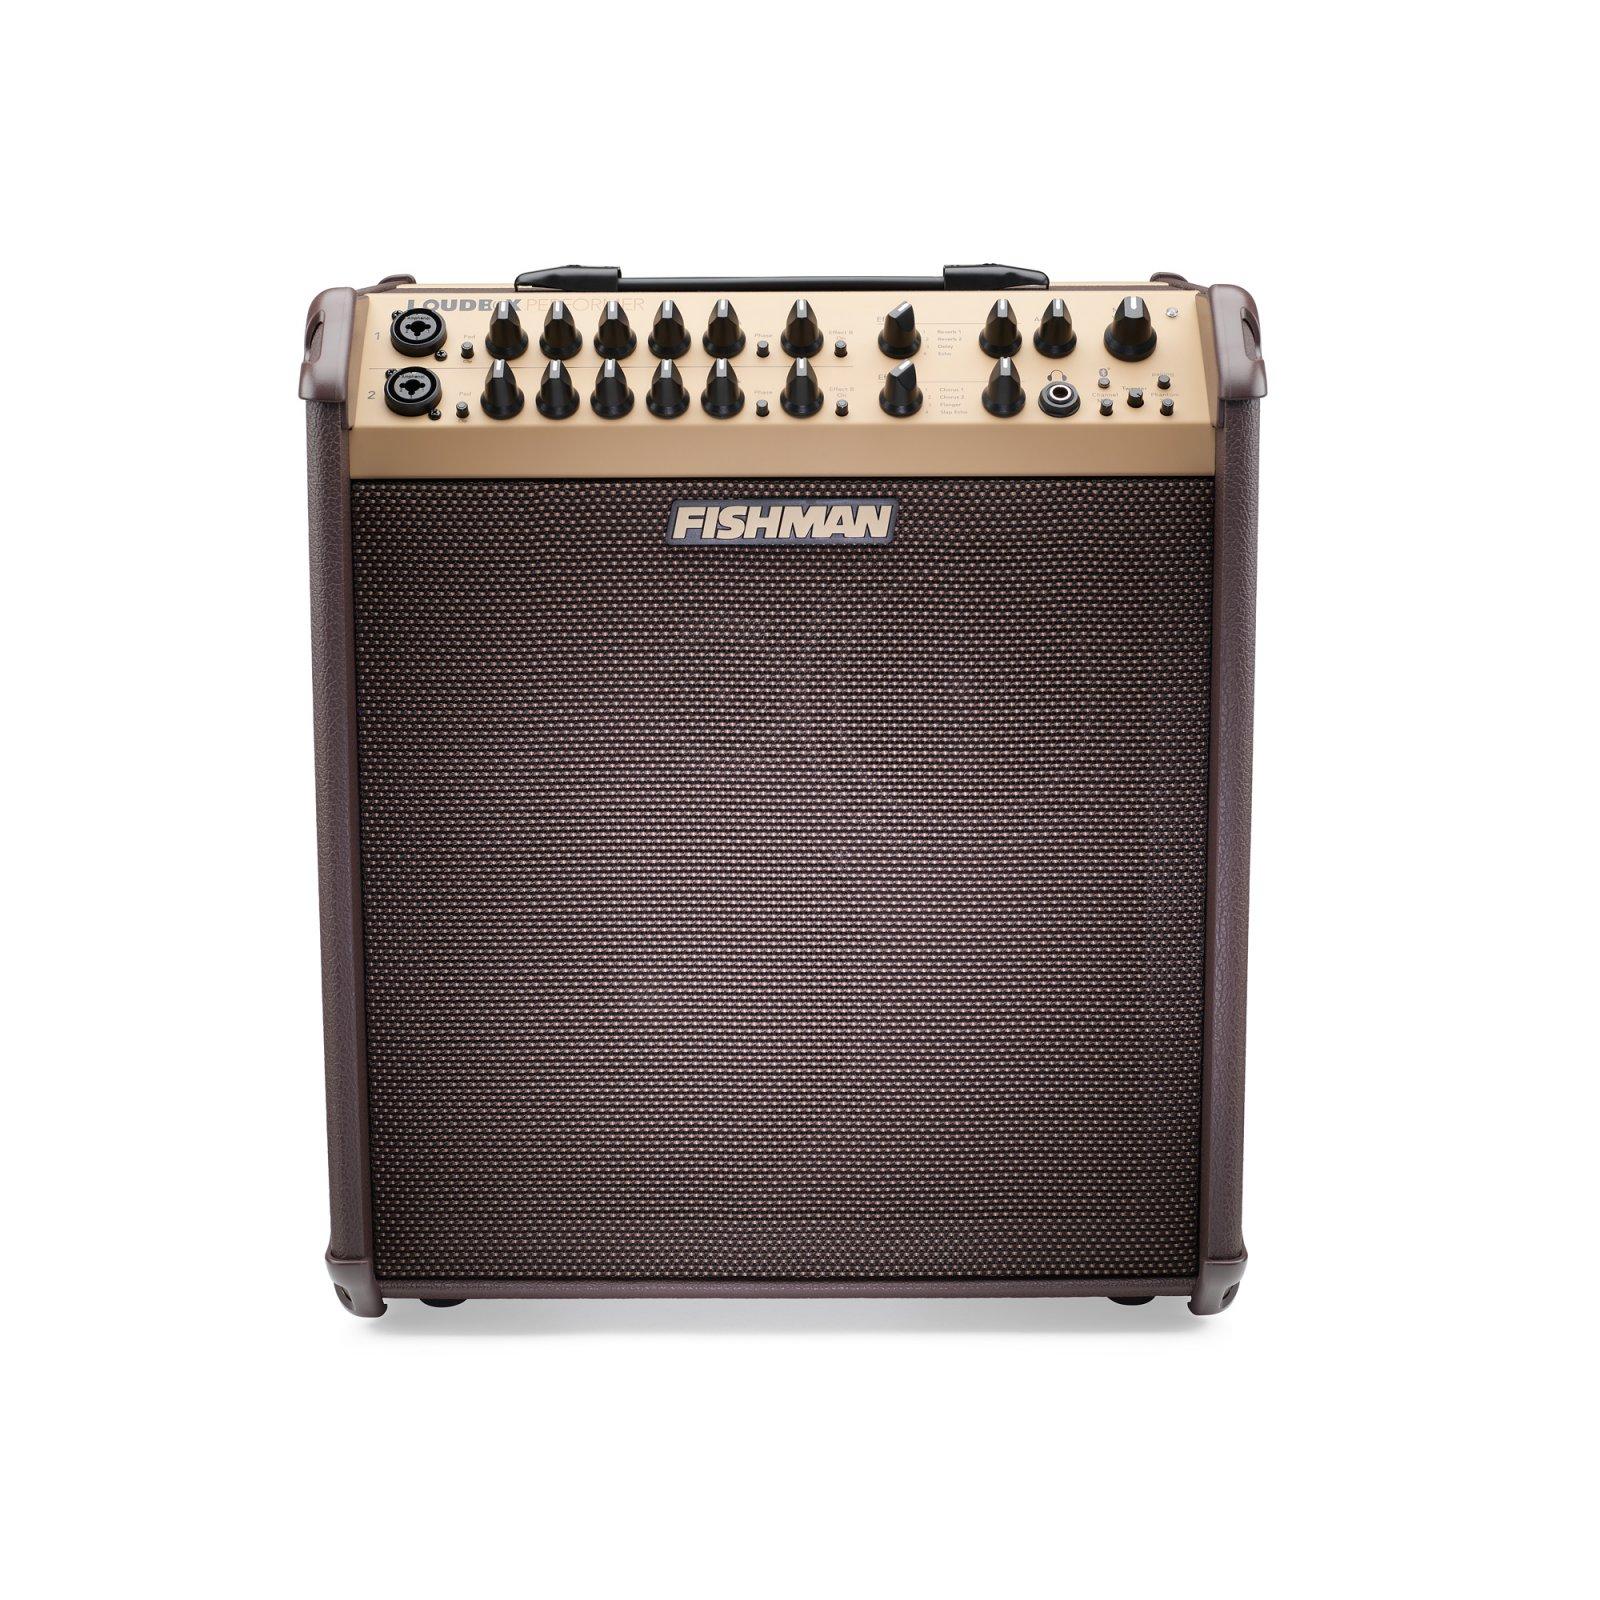 Fishman PRO-LBT-700 Loudbox Performer - 180 watts